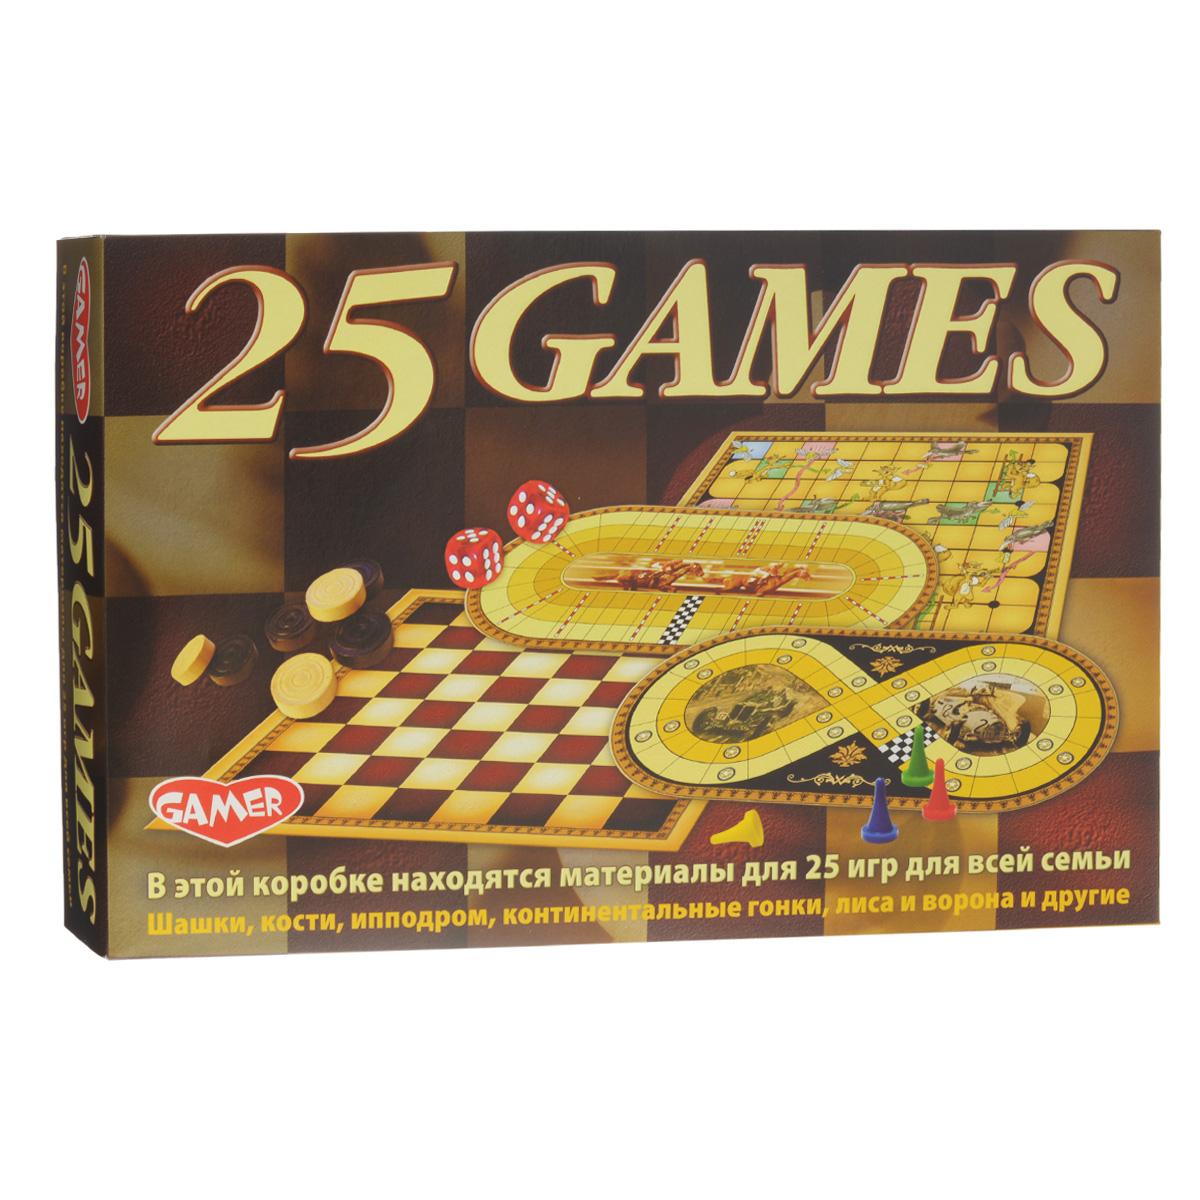 Настольная игра Dream Makers 25 игр для всей семьи, 25 в 11169С настольной игрой Dream Makers 25 игр для всей семьи вы откройте дверь в мир семейных настольных игр, собранных для вас со всех уголков Земли. Каждый найдет себе игру по вкусу. Попробуйте, и вы уже никогда не сможете отказаться от магии Игры. Игры: 1. Игра Шахматы. 2. Игра Классические шашки. 3. Шашки по-польски. 4. Шашки по-американски. 5. Игра Волк и овцы. 6. Поддавки. 7. Крепость. 8. Игра Ипподром. 9. Игра Тотализатор. 10. Игра Жокей. 11. Игра Гонки. 12. Лиса и ворона. 13. Игра Десятка. 14. Игра Один. 15. Игра Мизер. 16. Игра Удача. 17. Игра Набери 50. 18. Игра Больше и меньше. 19. Игра Пары. 20. Игра Два из трех. 21. Игра Триста. 22. Игра Шесть 23. Игра Покер. 24. Игра 3*5. 25. Игра Три пары.